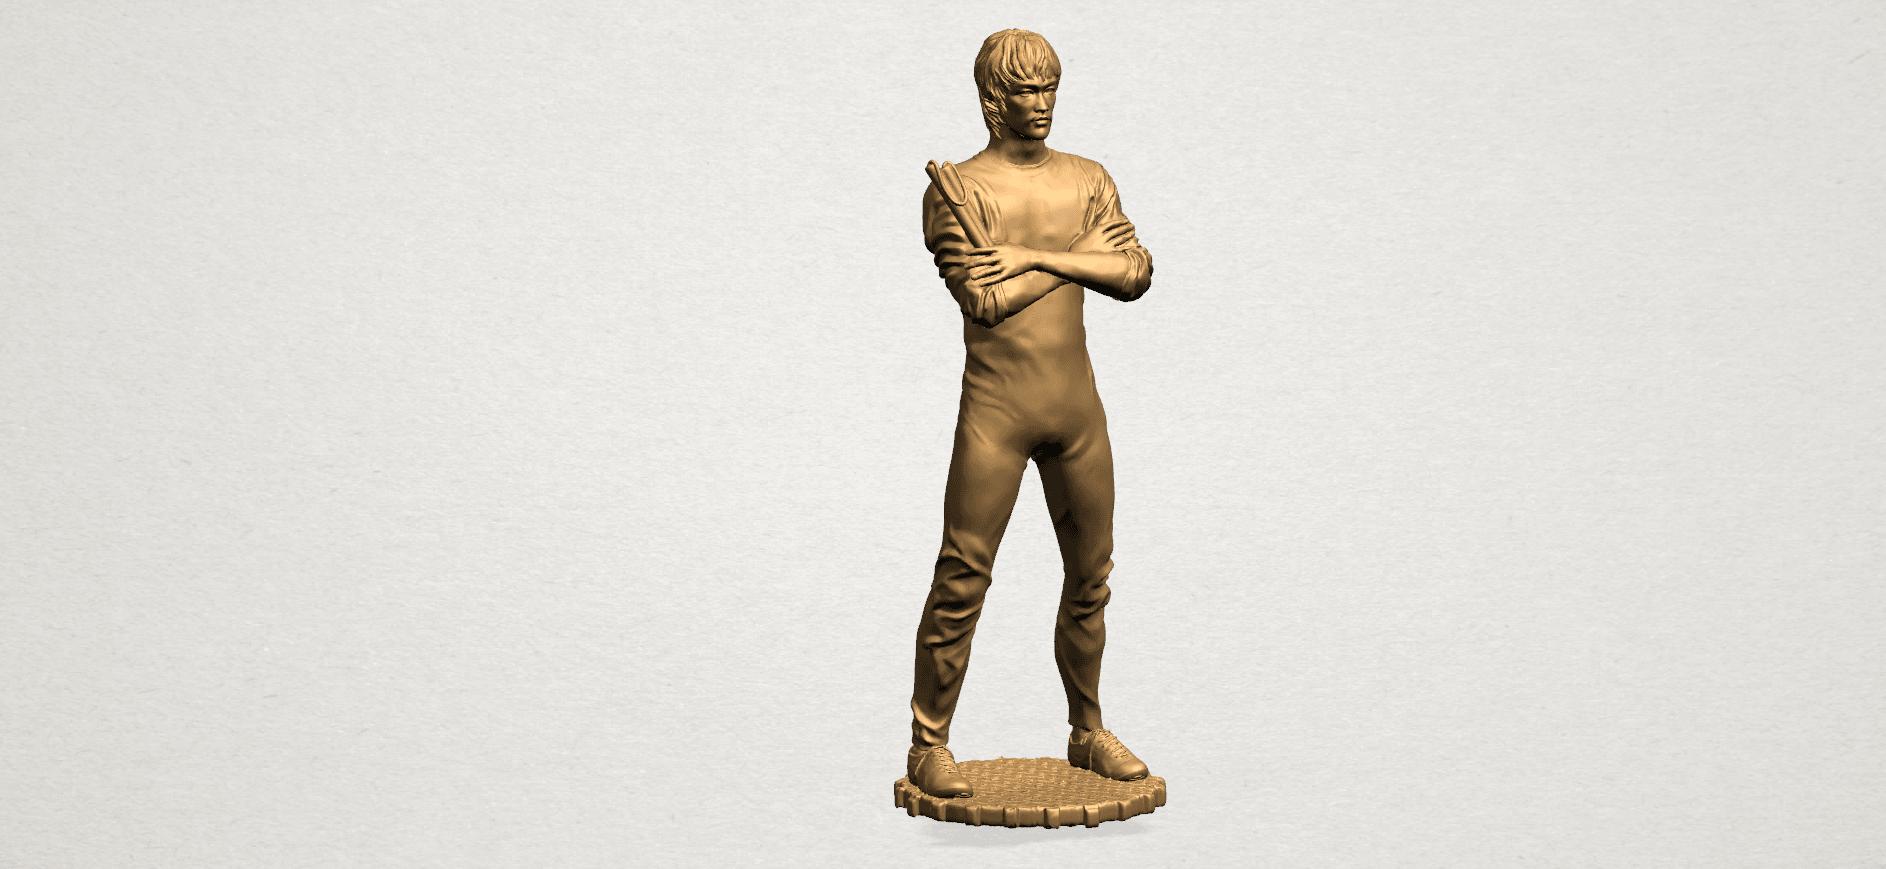 Bruce Lee B01.png Télécharger fichier STL gratuit Bruce Lee • Design à imprimer en 3D, GeorgesNikkei